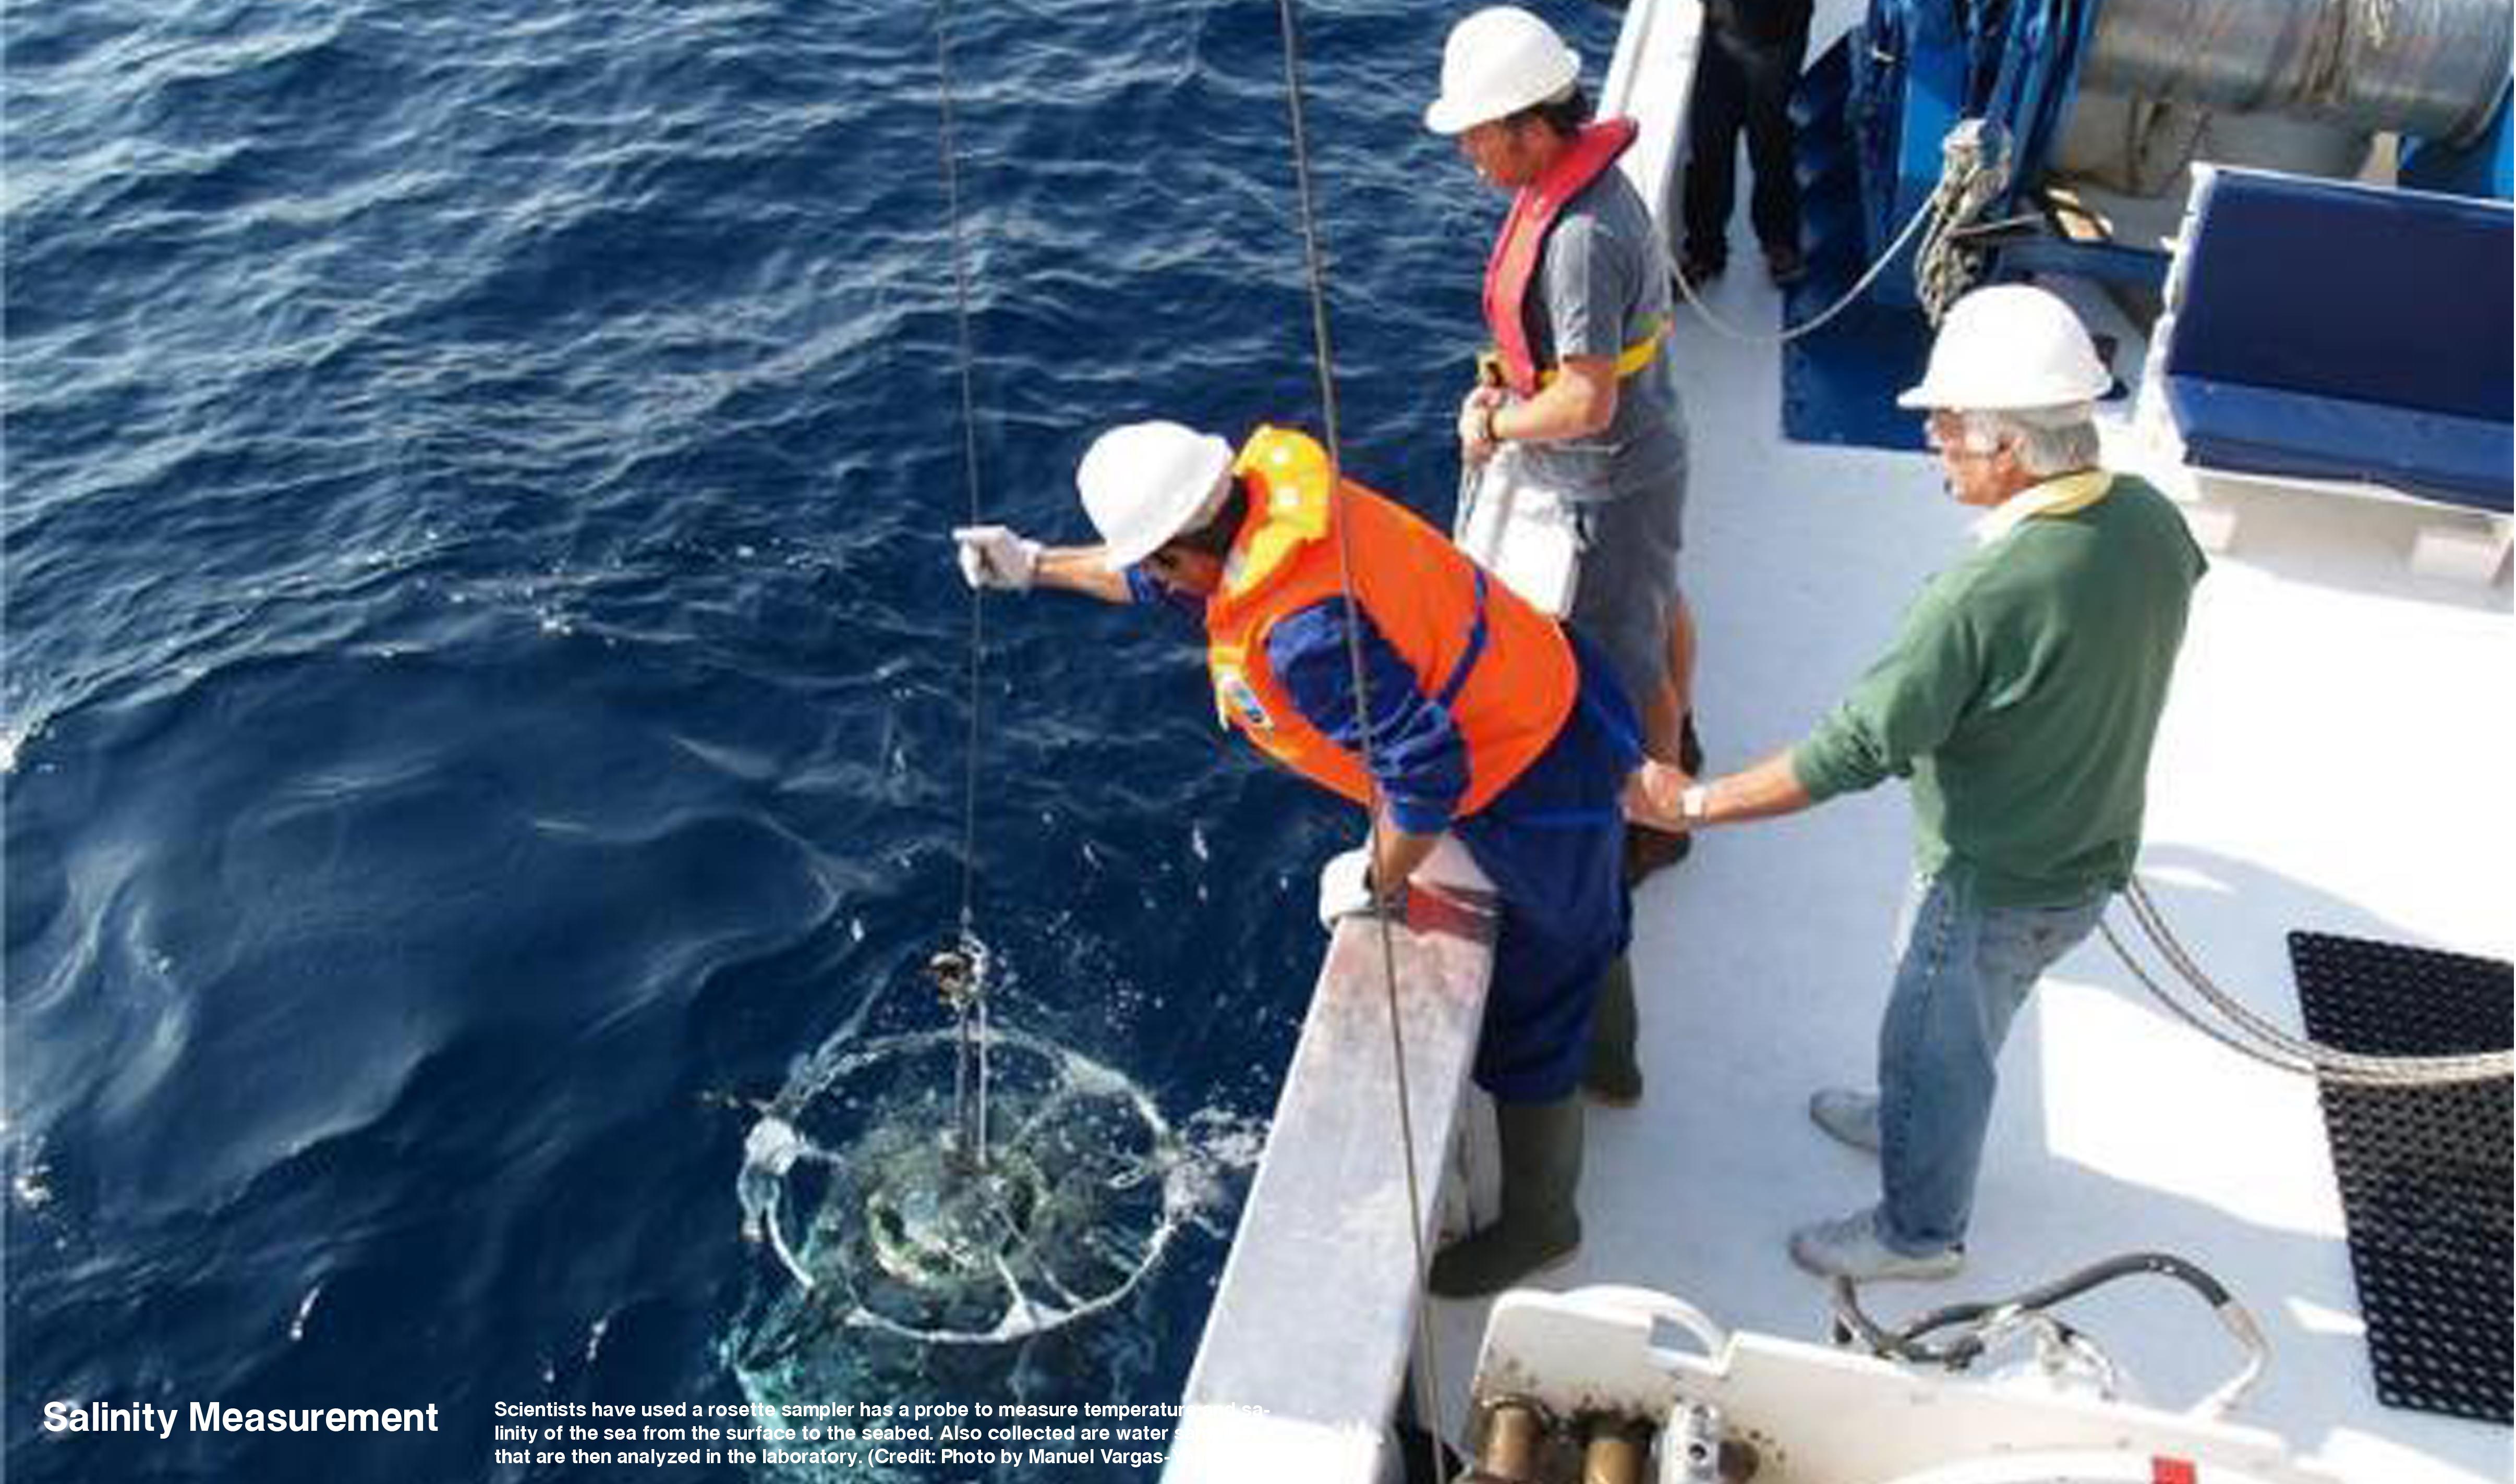 профессии связанные с рыбалкой